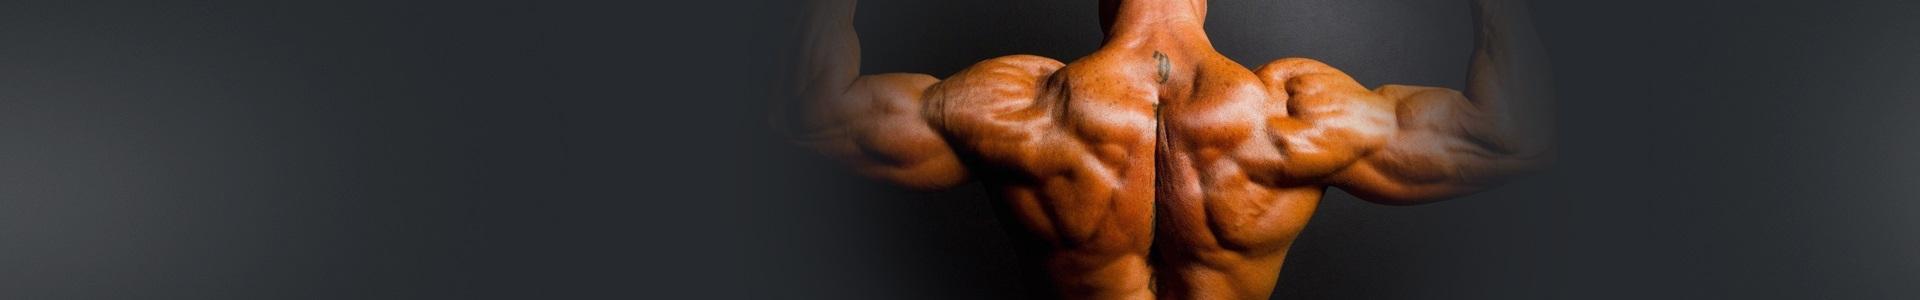 哑铃背部肌肉强化训练-初级(5练/周)